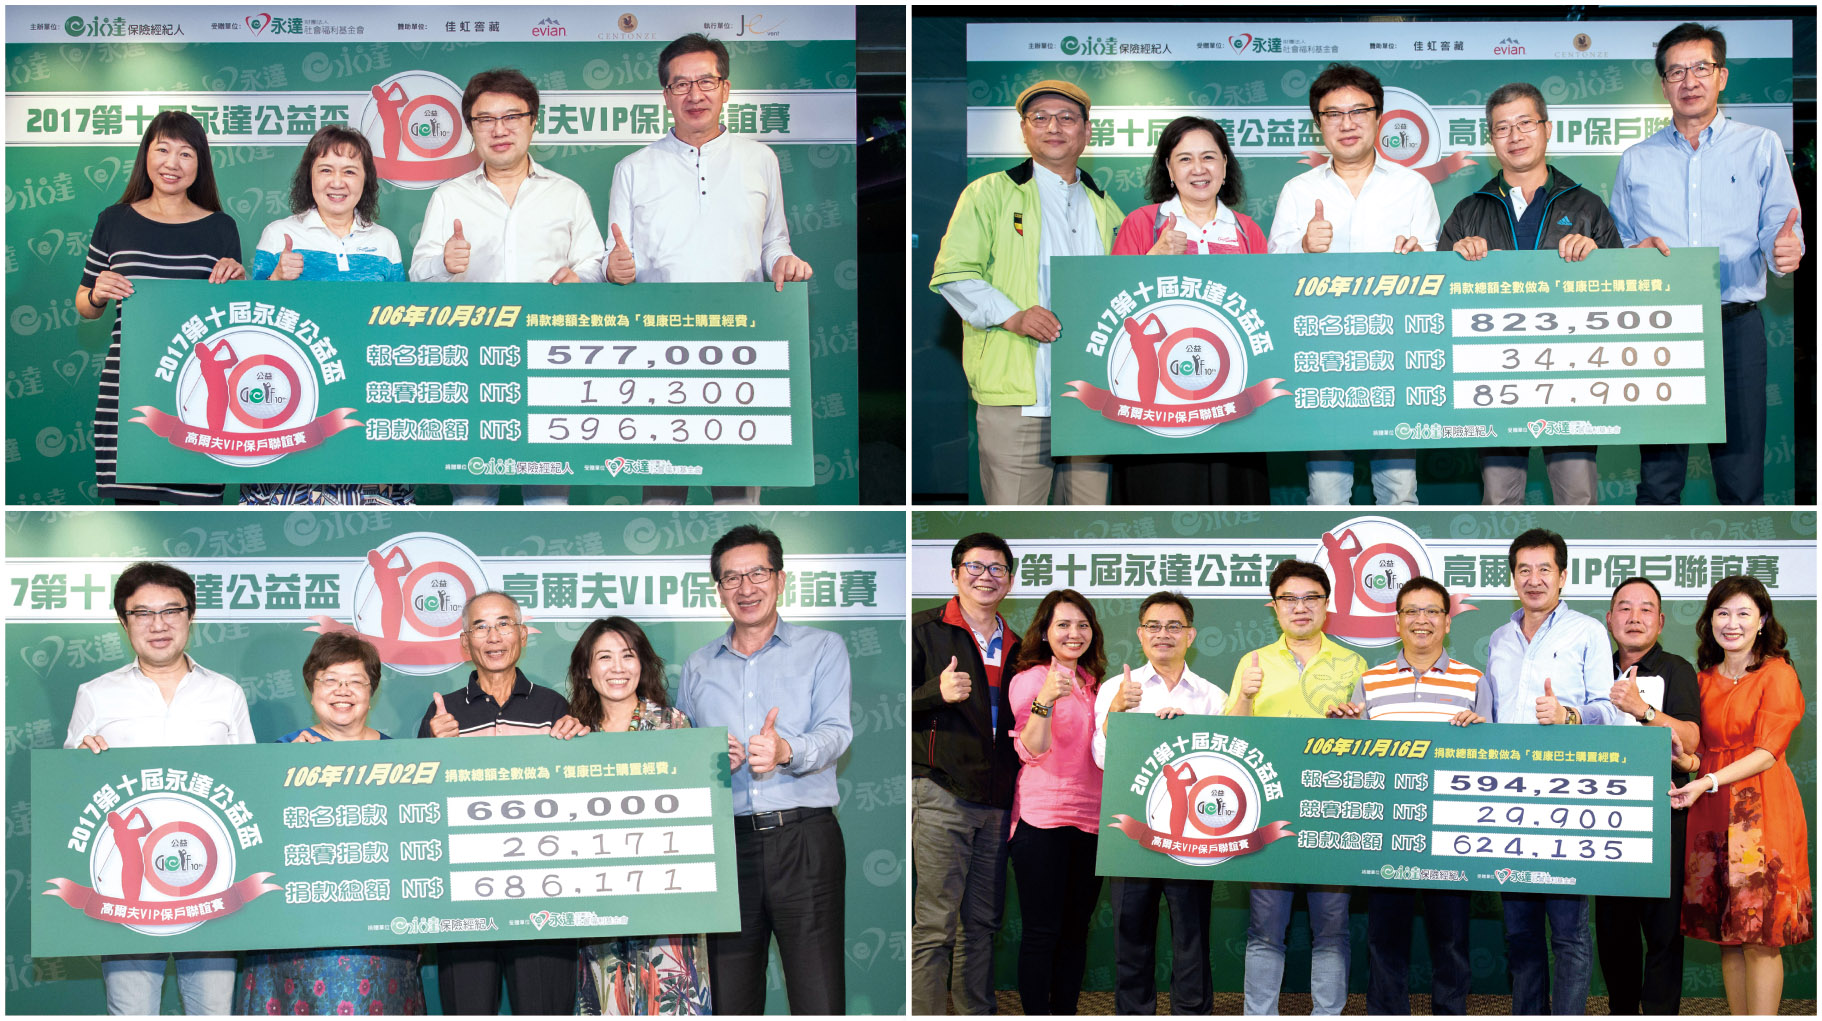 四場賽事參賽者報名費,全數捐贈「永達社會福利基金會」。